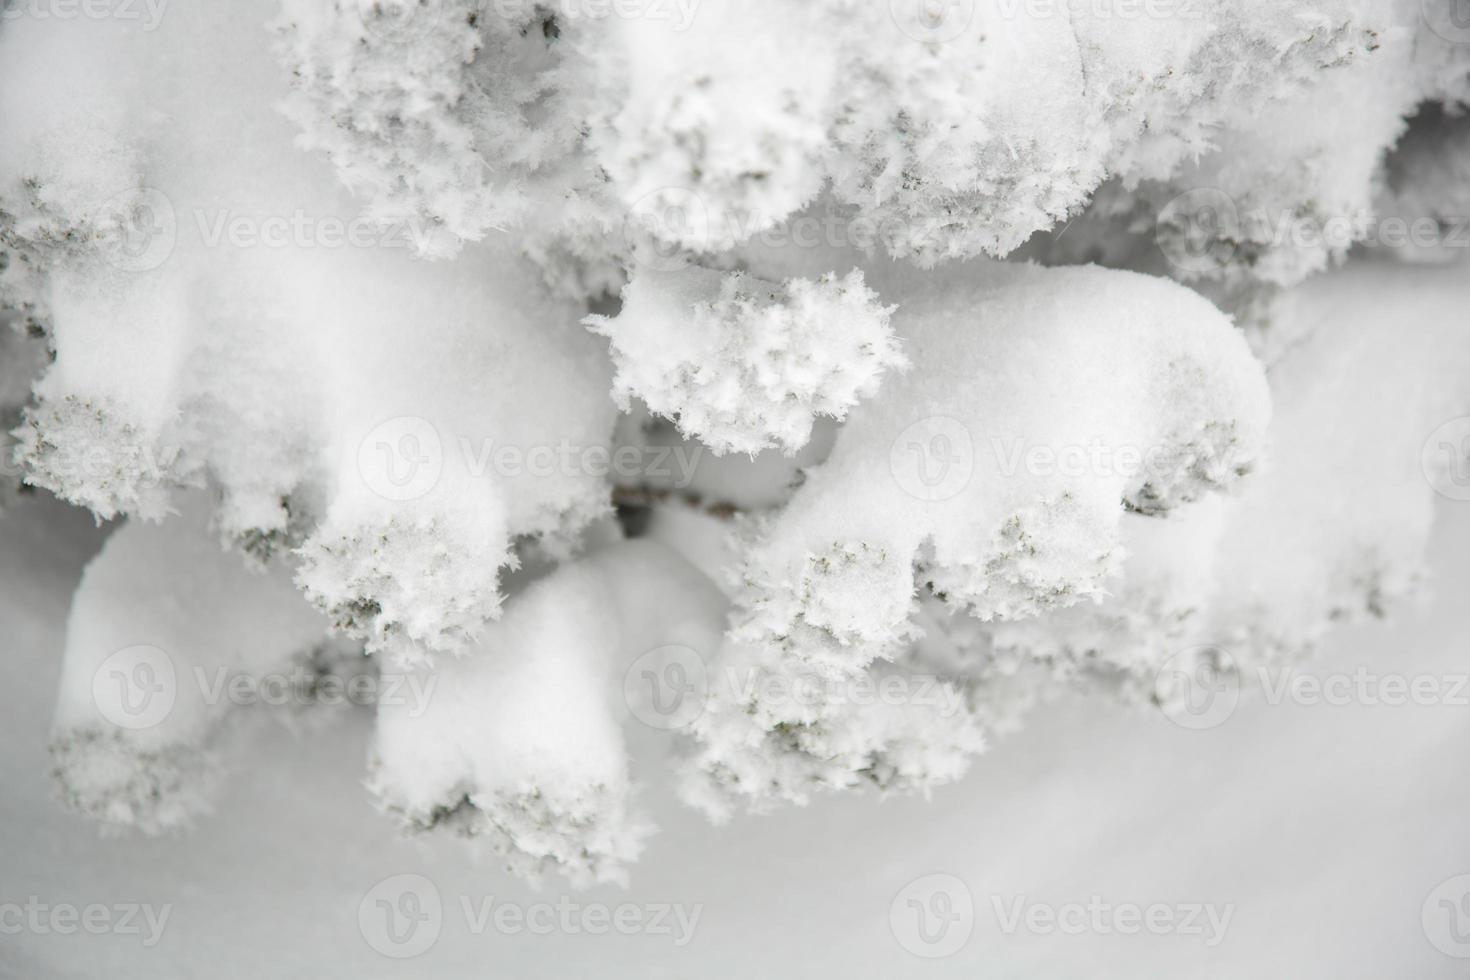 invierno, detalle de plantas cubiertas de nieve foto